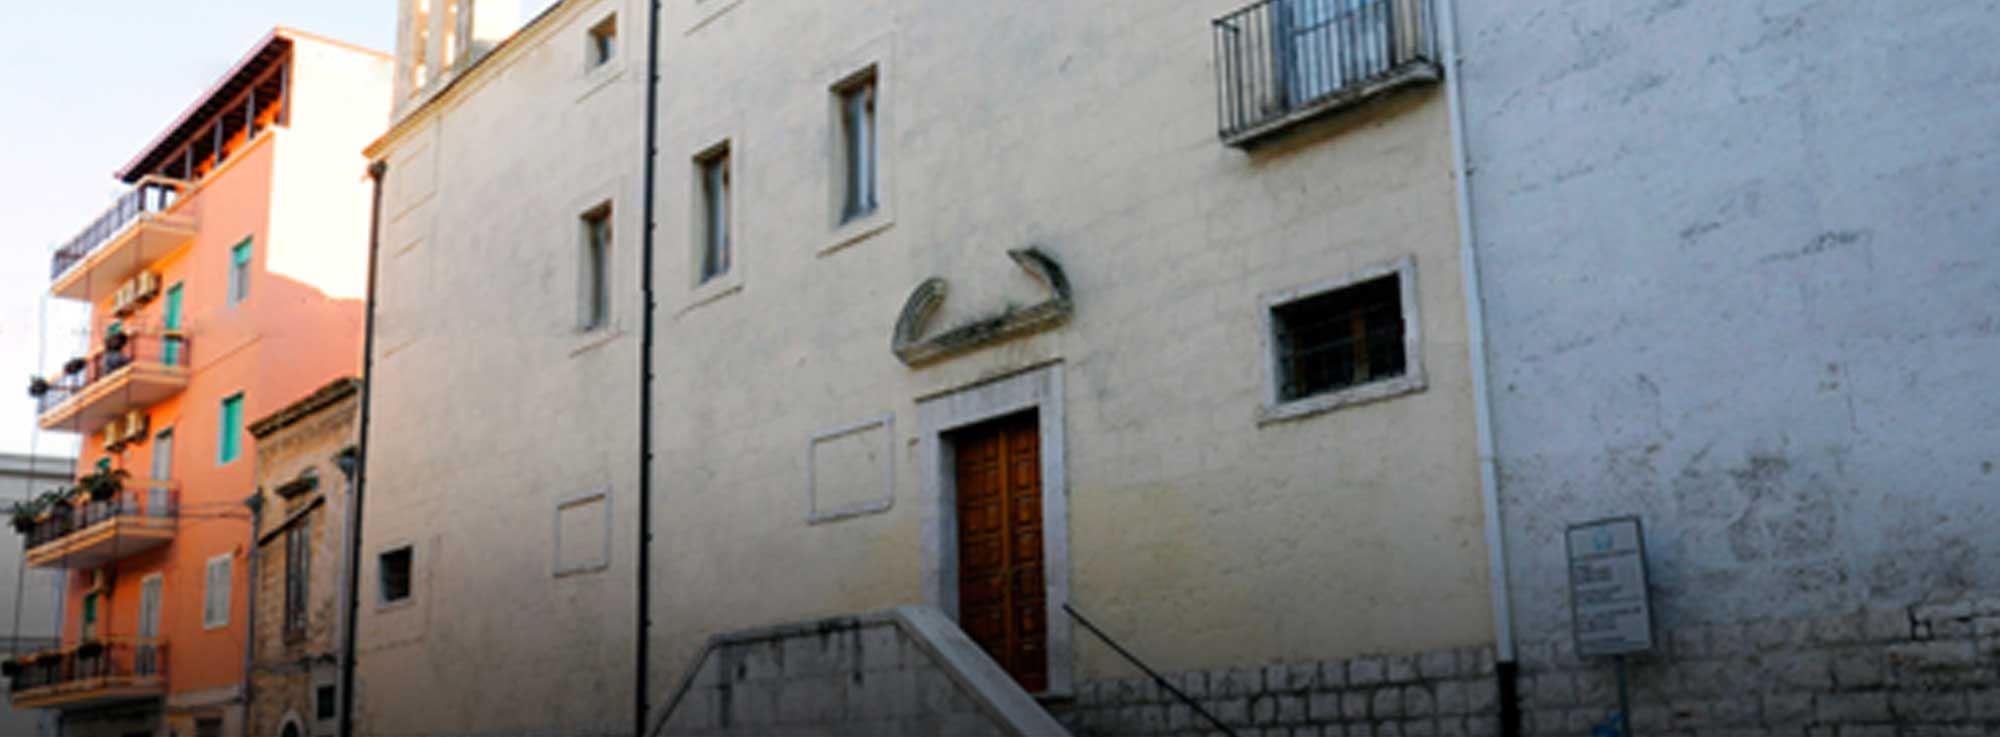 Barletta: La Notte dei Musei a Barletta